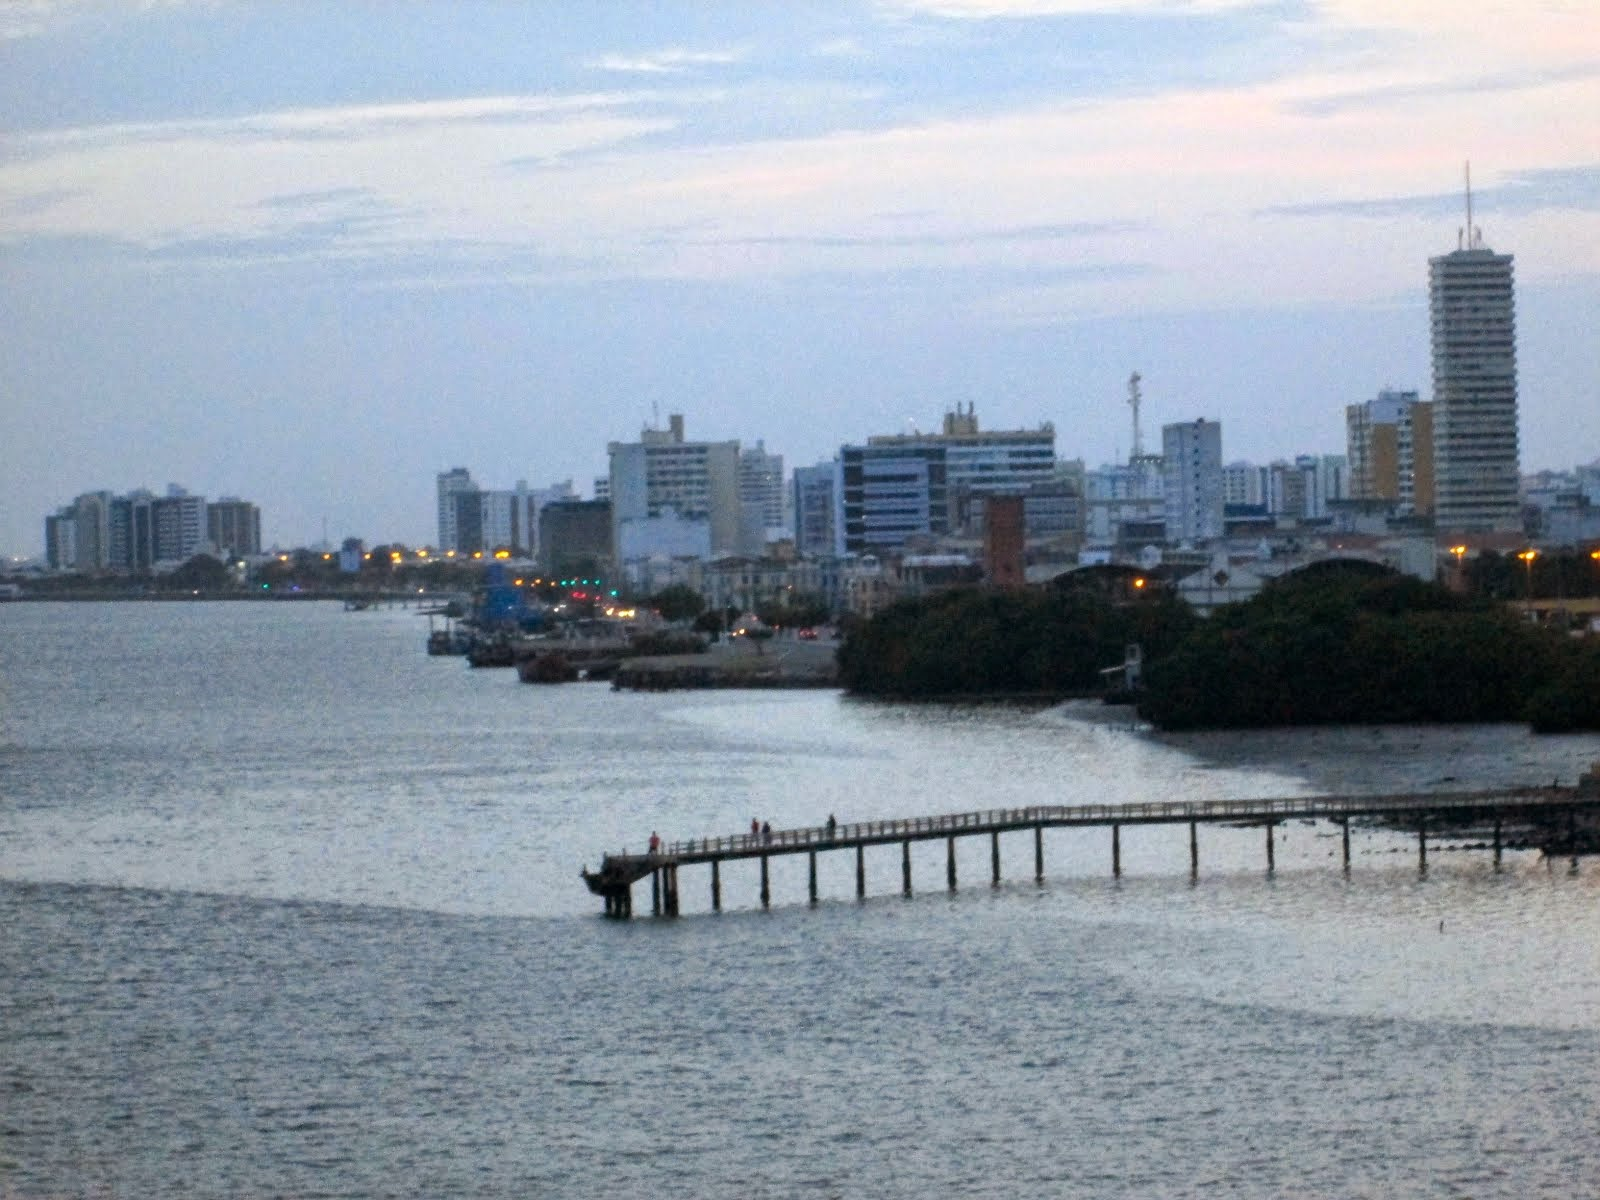 7th/Last Area Santos Dumont Aracaju Sergipe 11/11/14